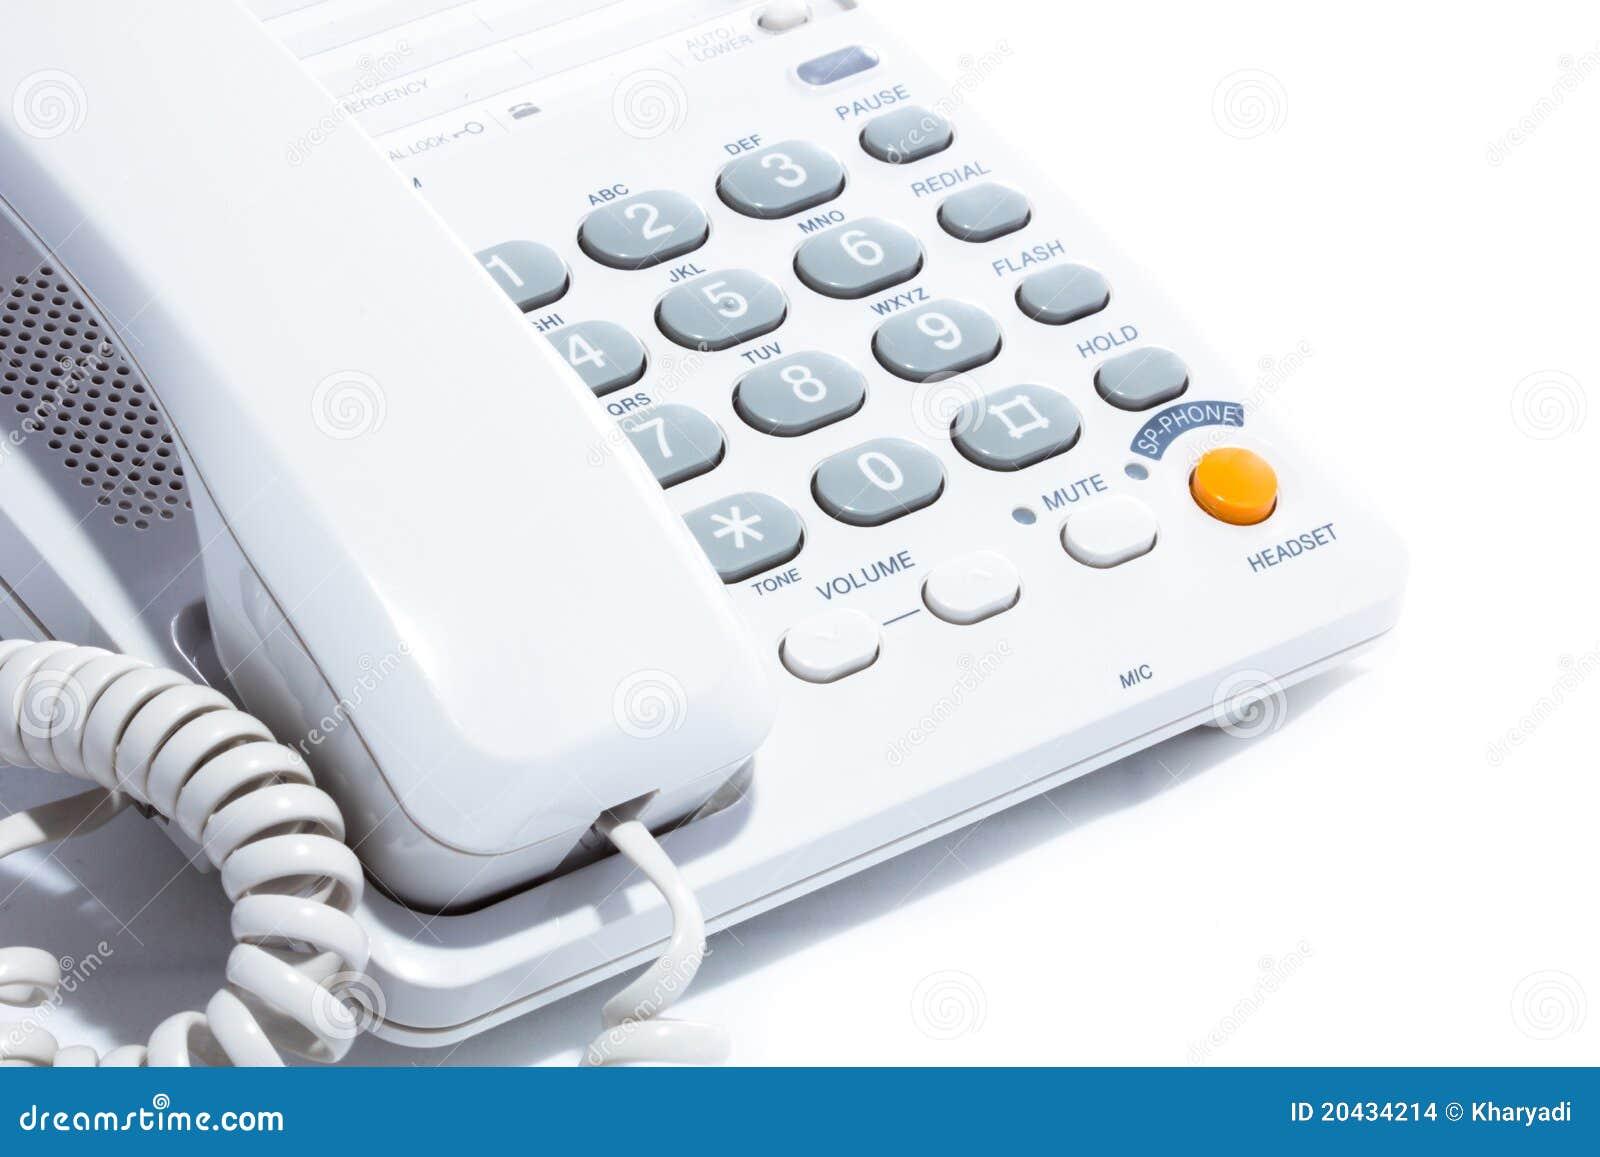 Telefone.